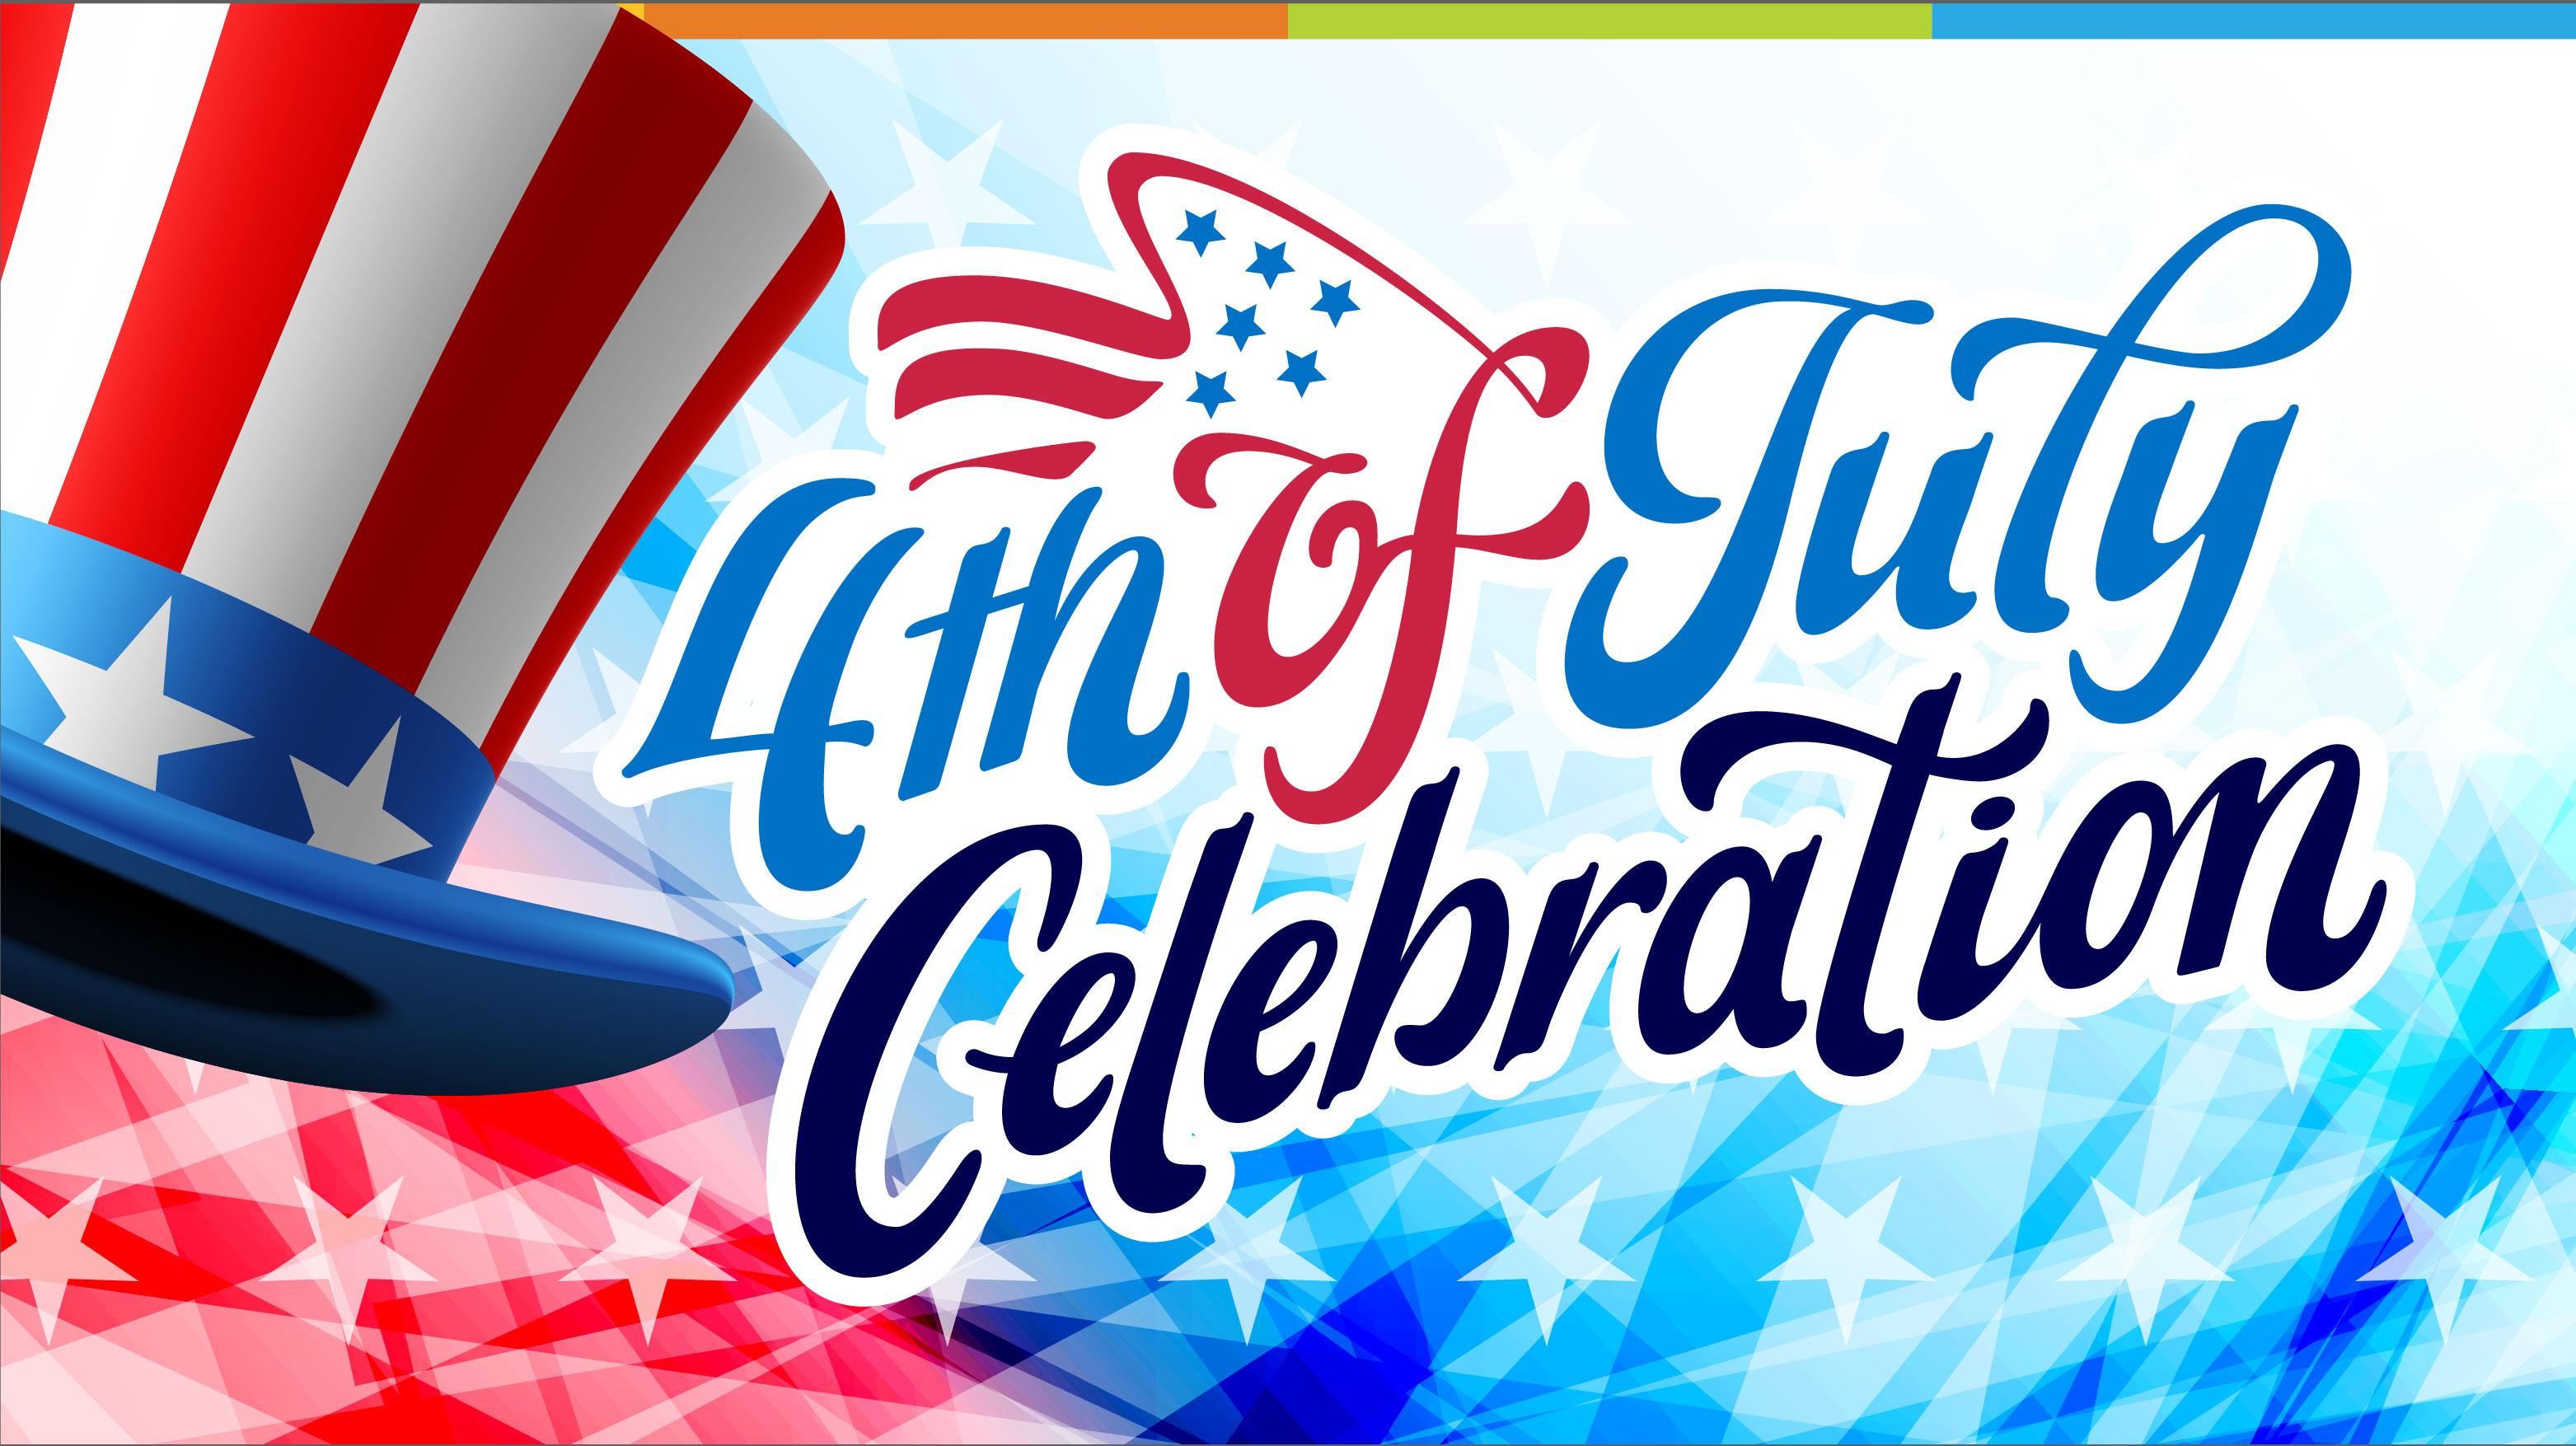 4th of July Kick-off Celebration